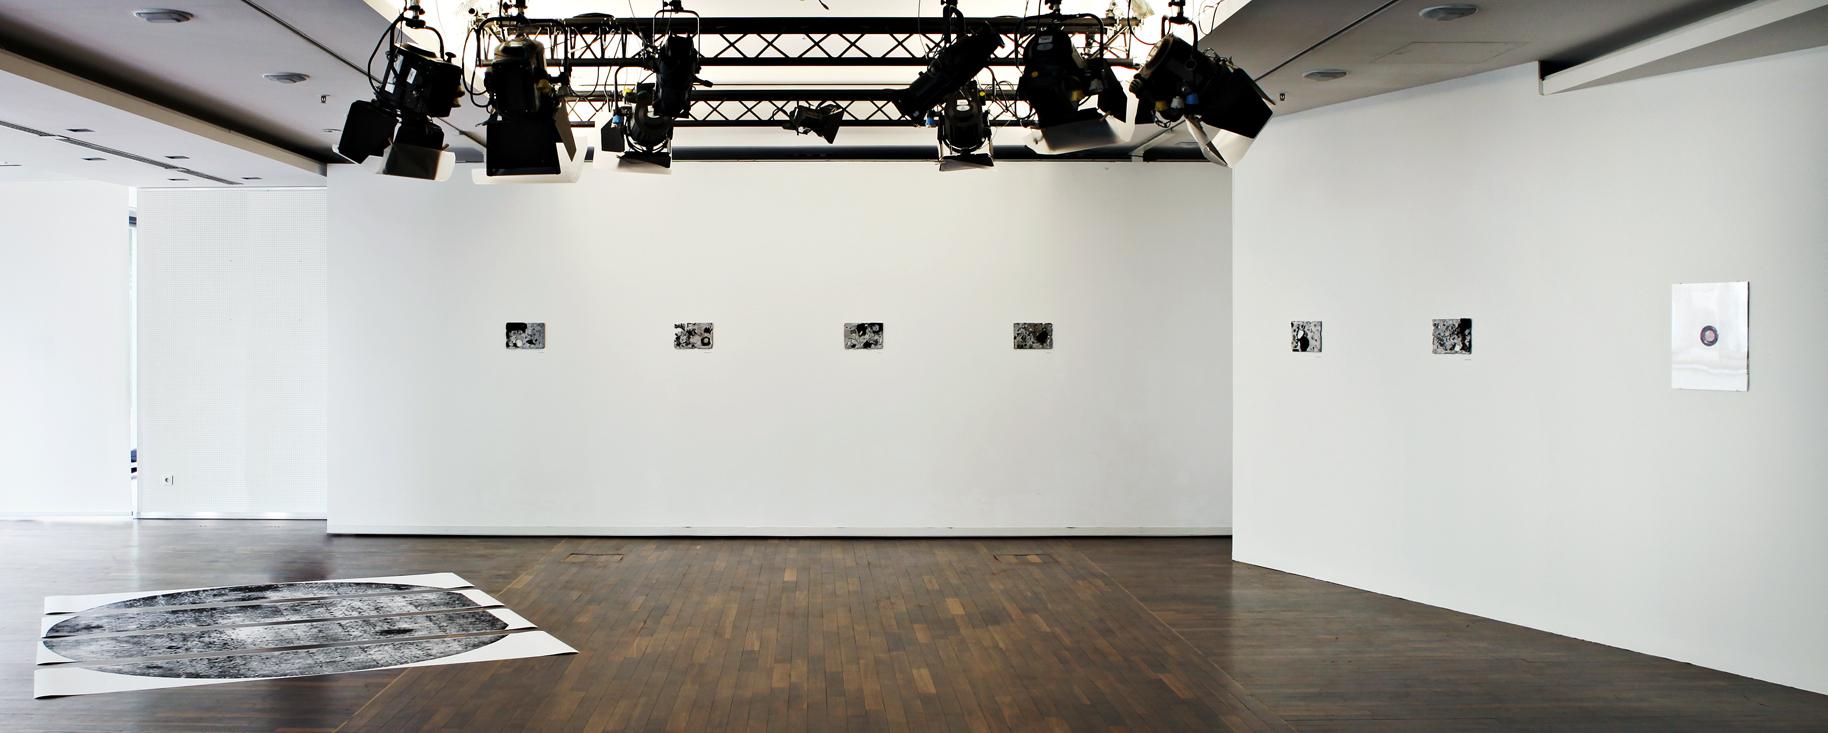 Ansicht 1small in Spiridon-Neven-Dumont-Preis 2014